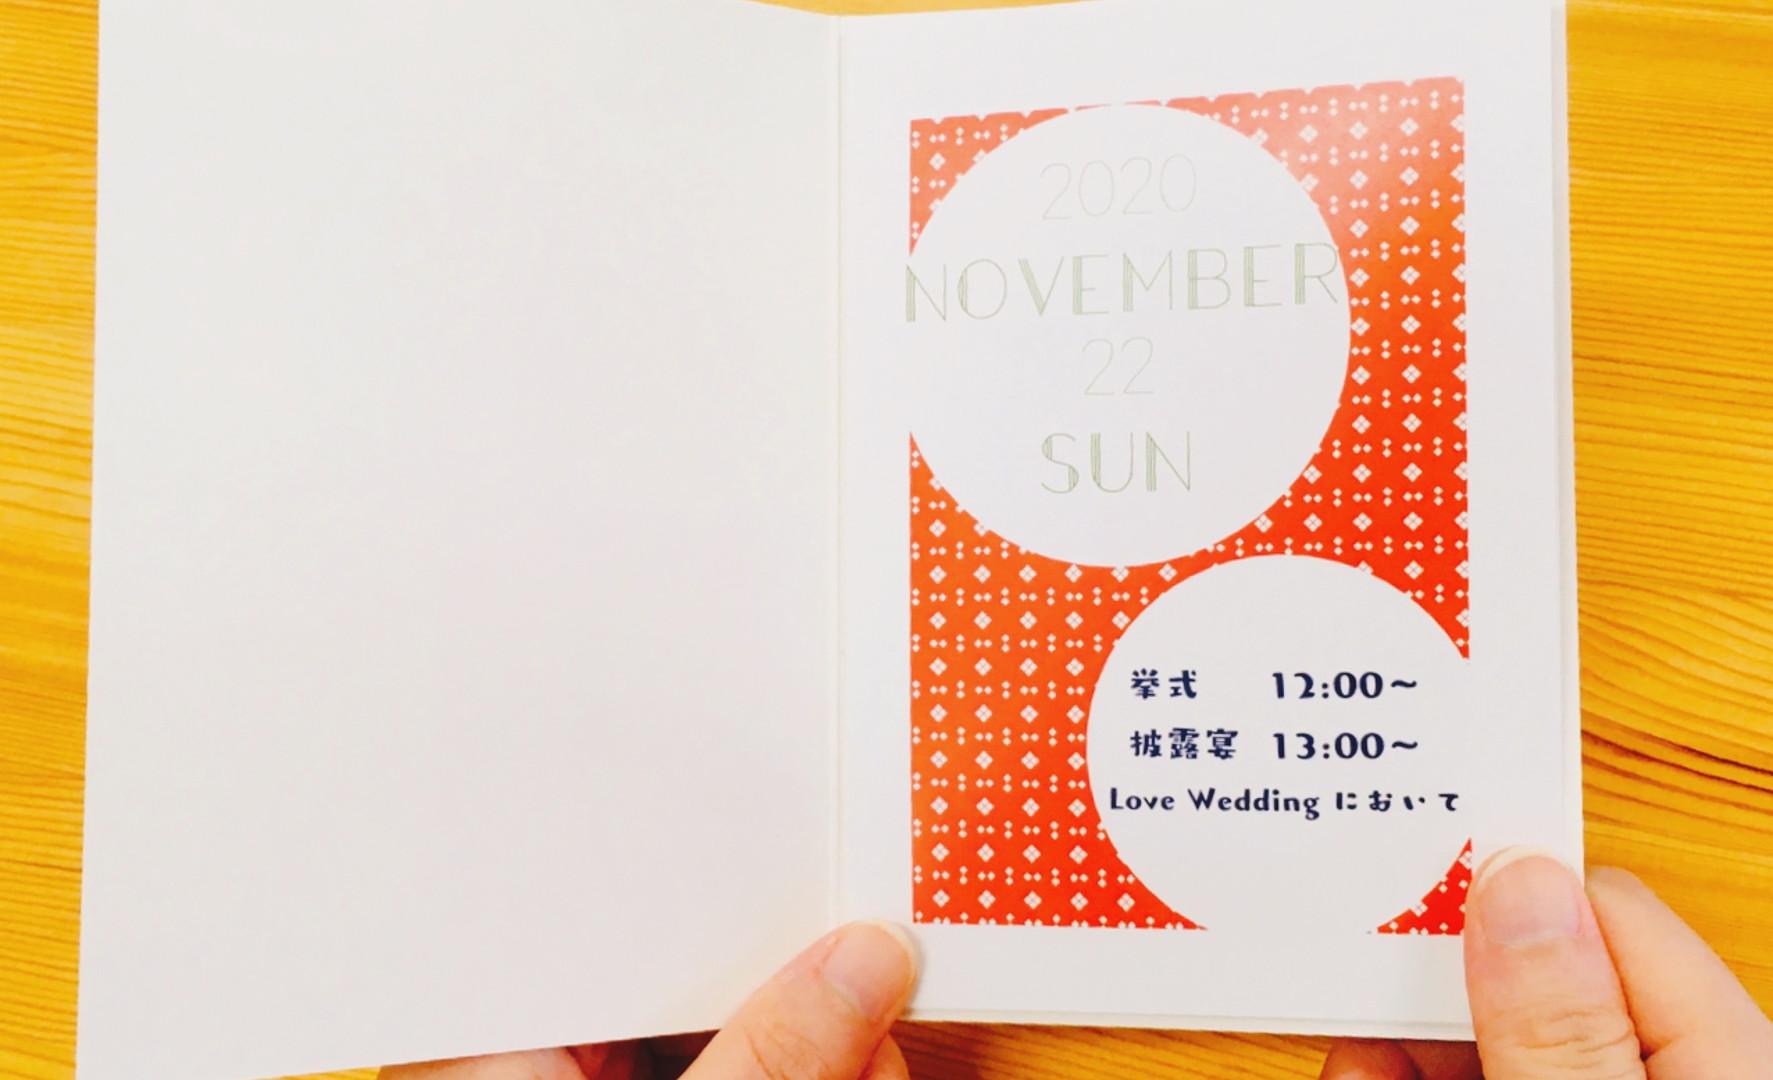 手持ち Just married デザイン5-A-2.jpg